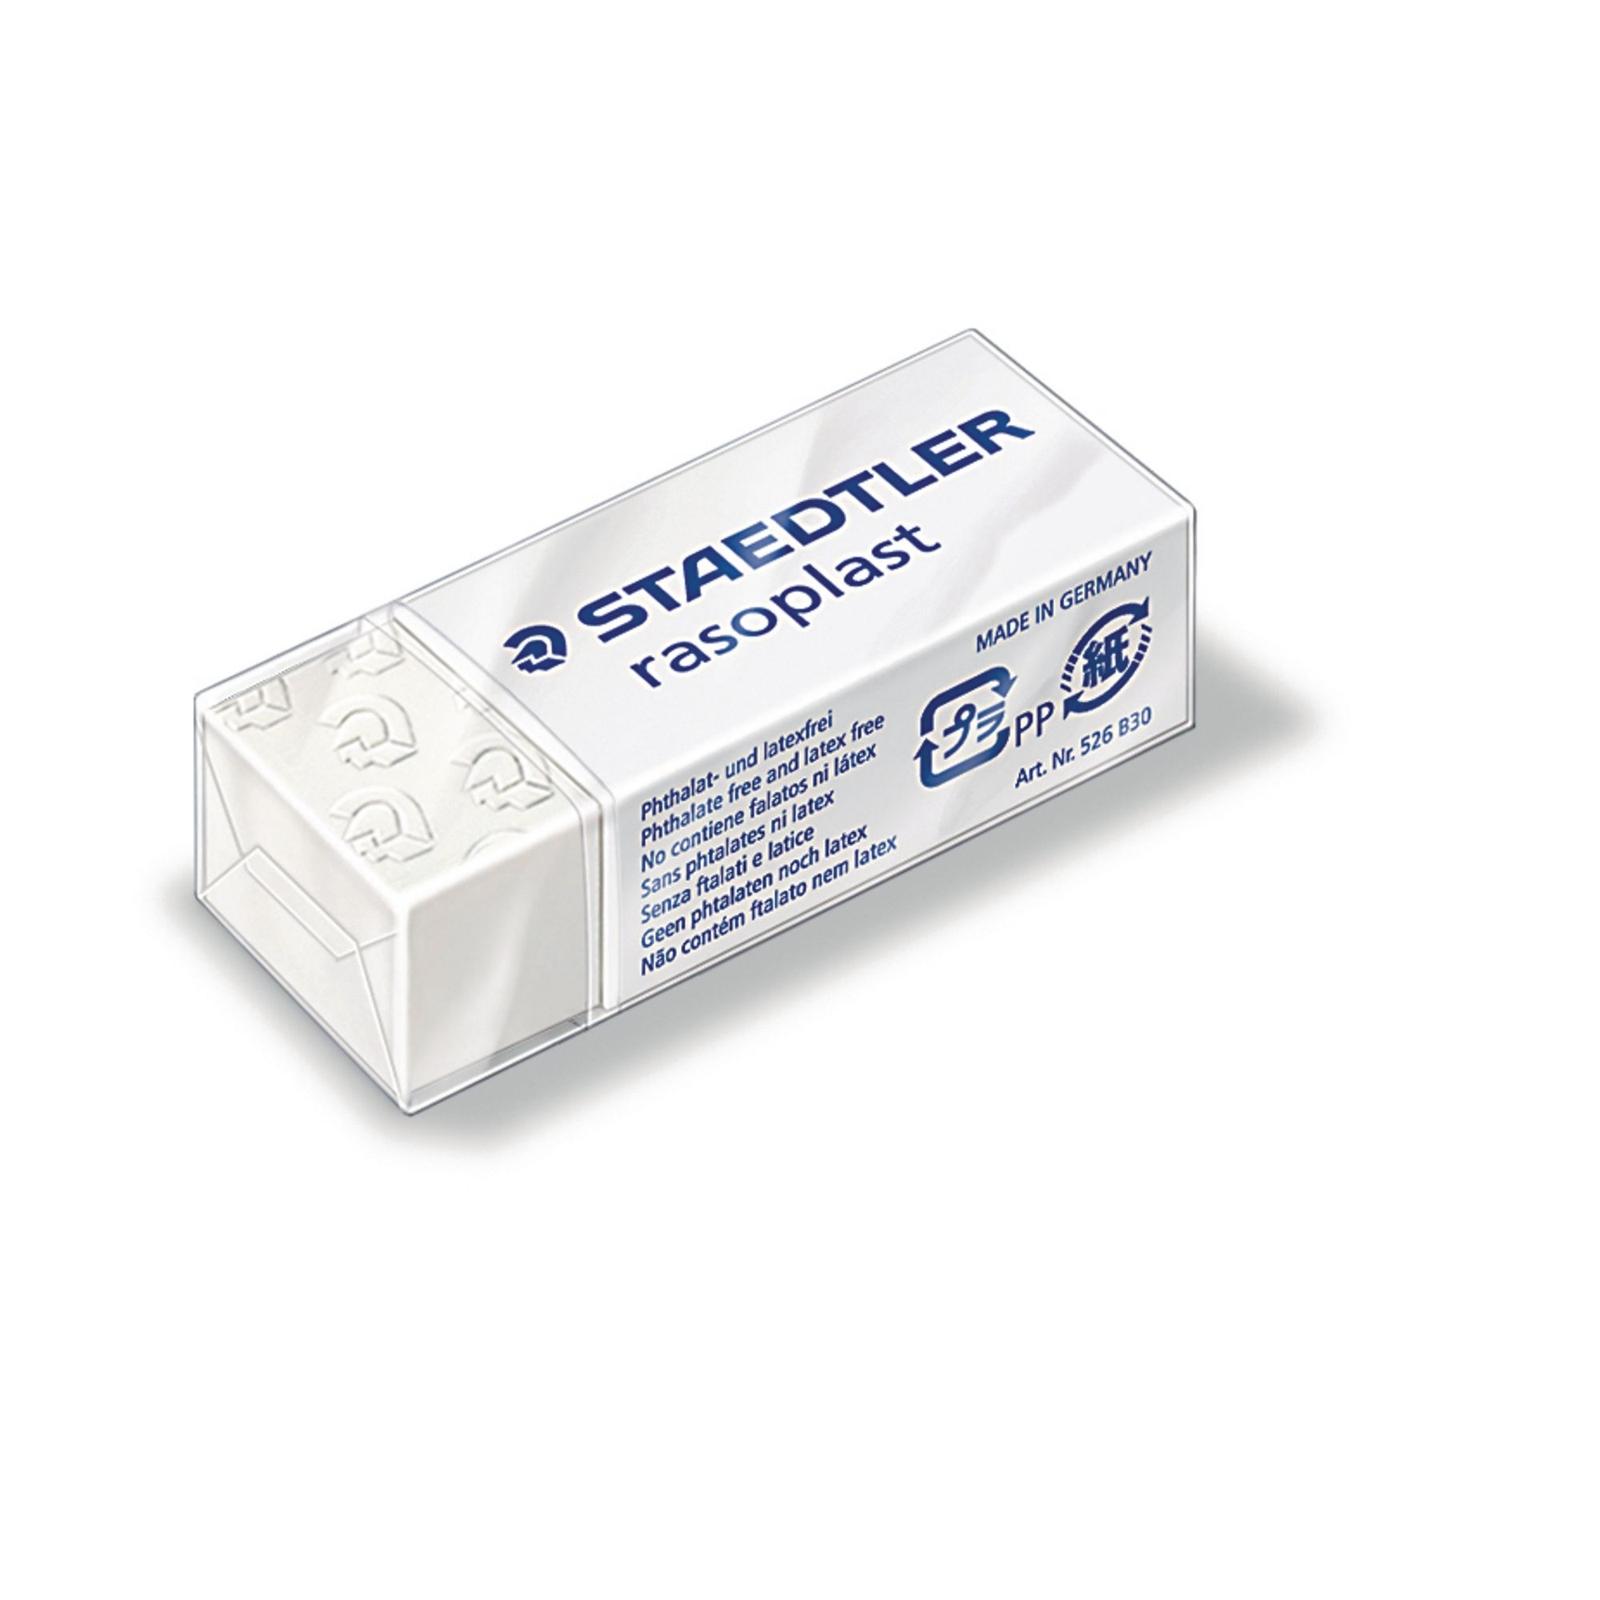 Staedtler Rasoplast Eraser SmallWhite - Pack of 30